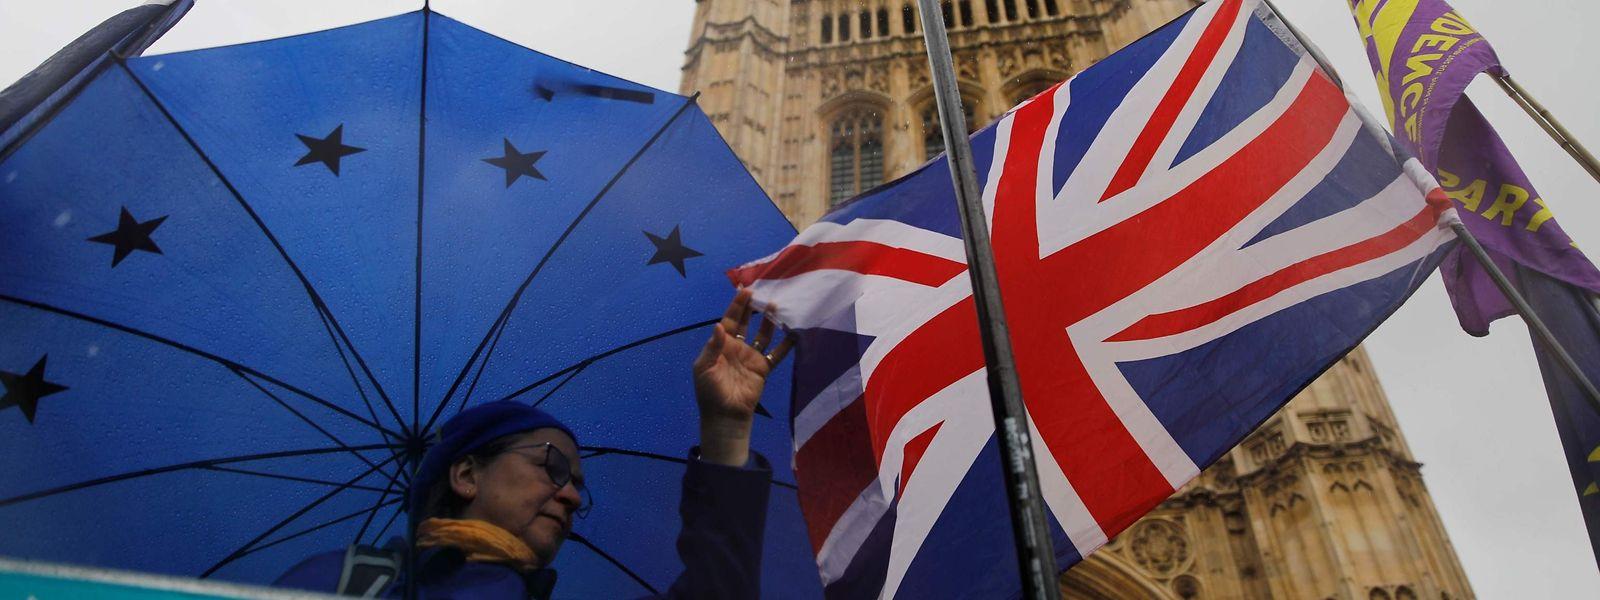 Der neue Brexit-Vertrag muss vom britischen Parlament noch bestätigt werden. Eine Zustimmung der Abgeordneten ist mehr als fraglich.